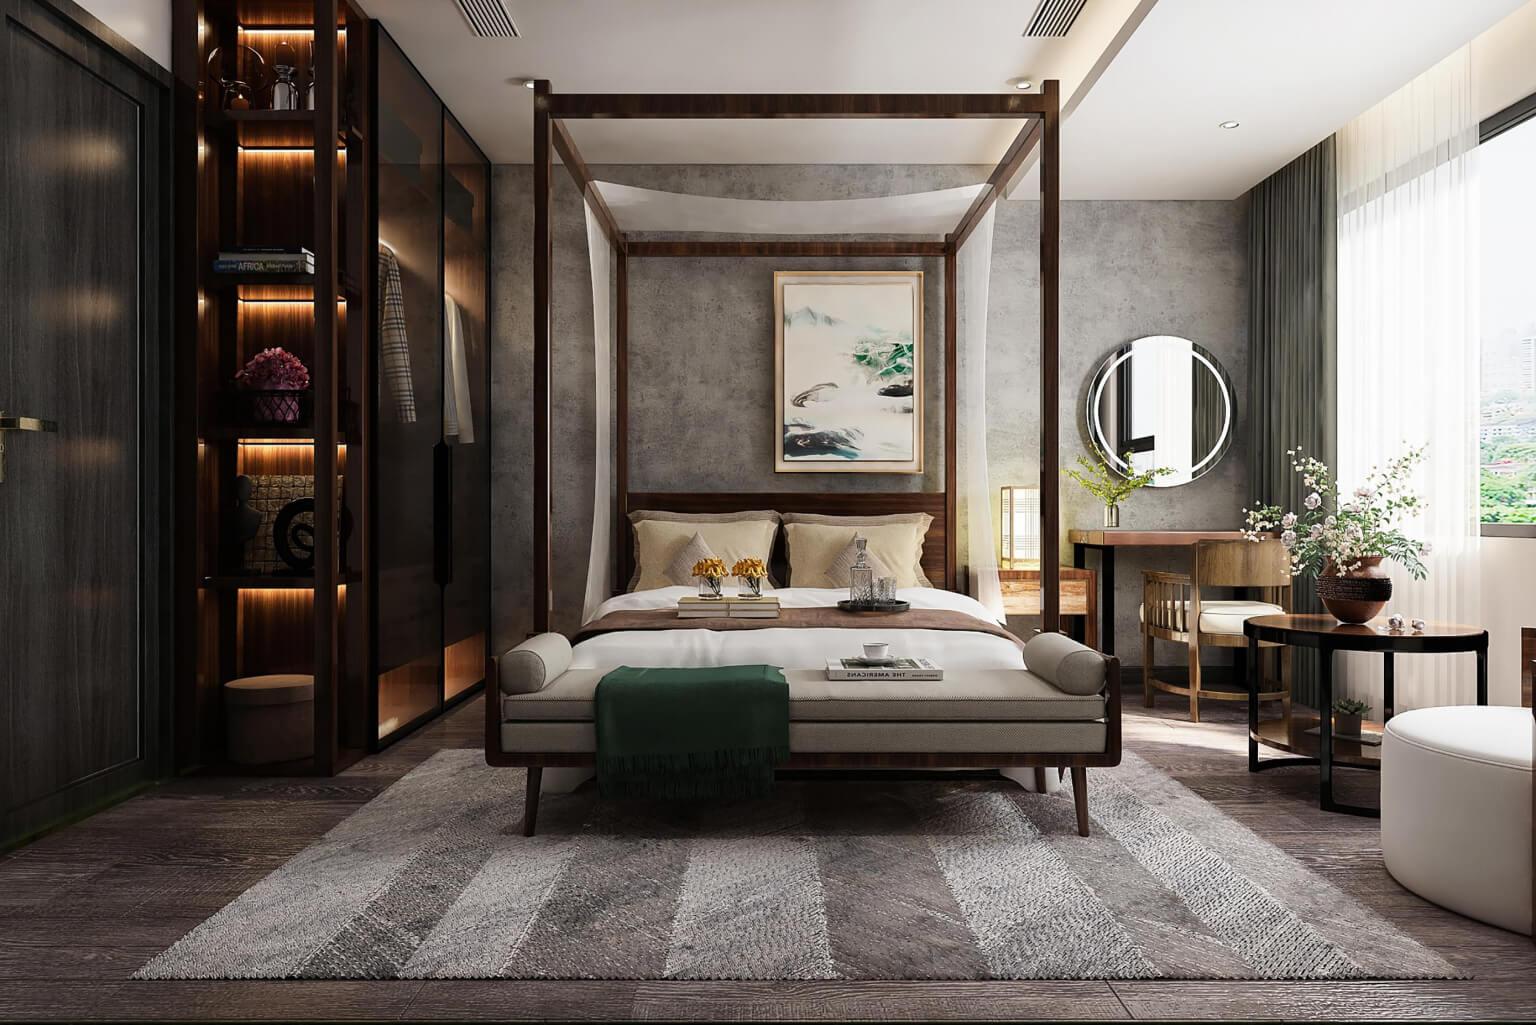 phòng ngủ chính central residence